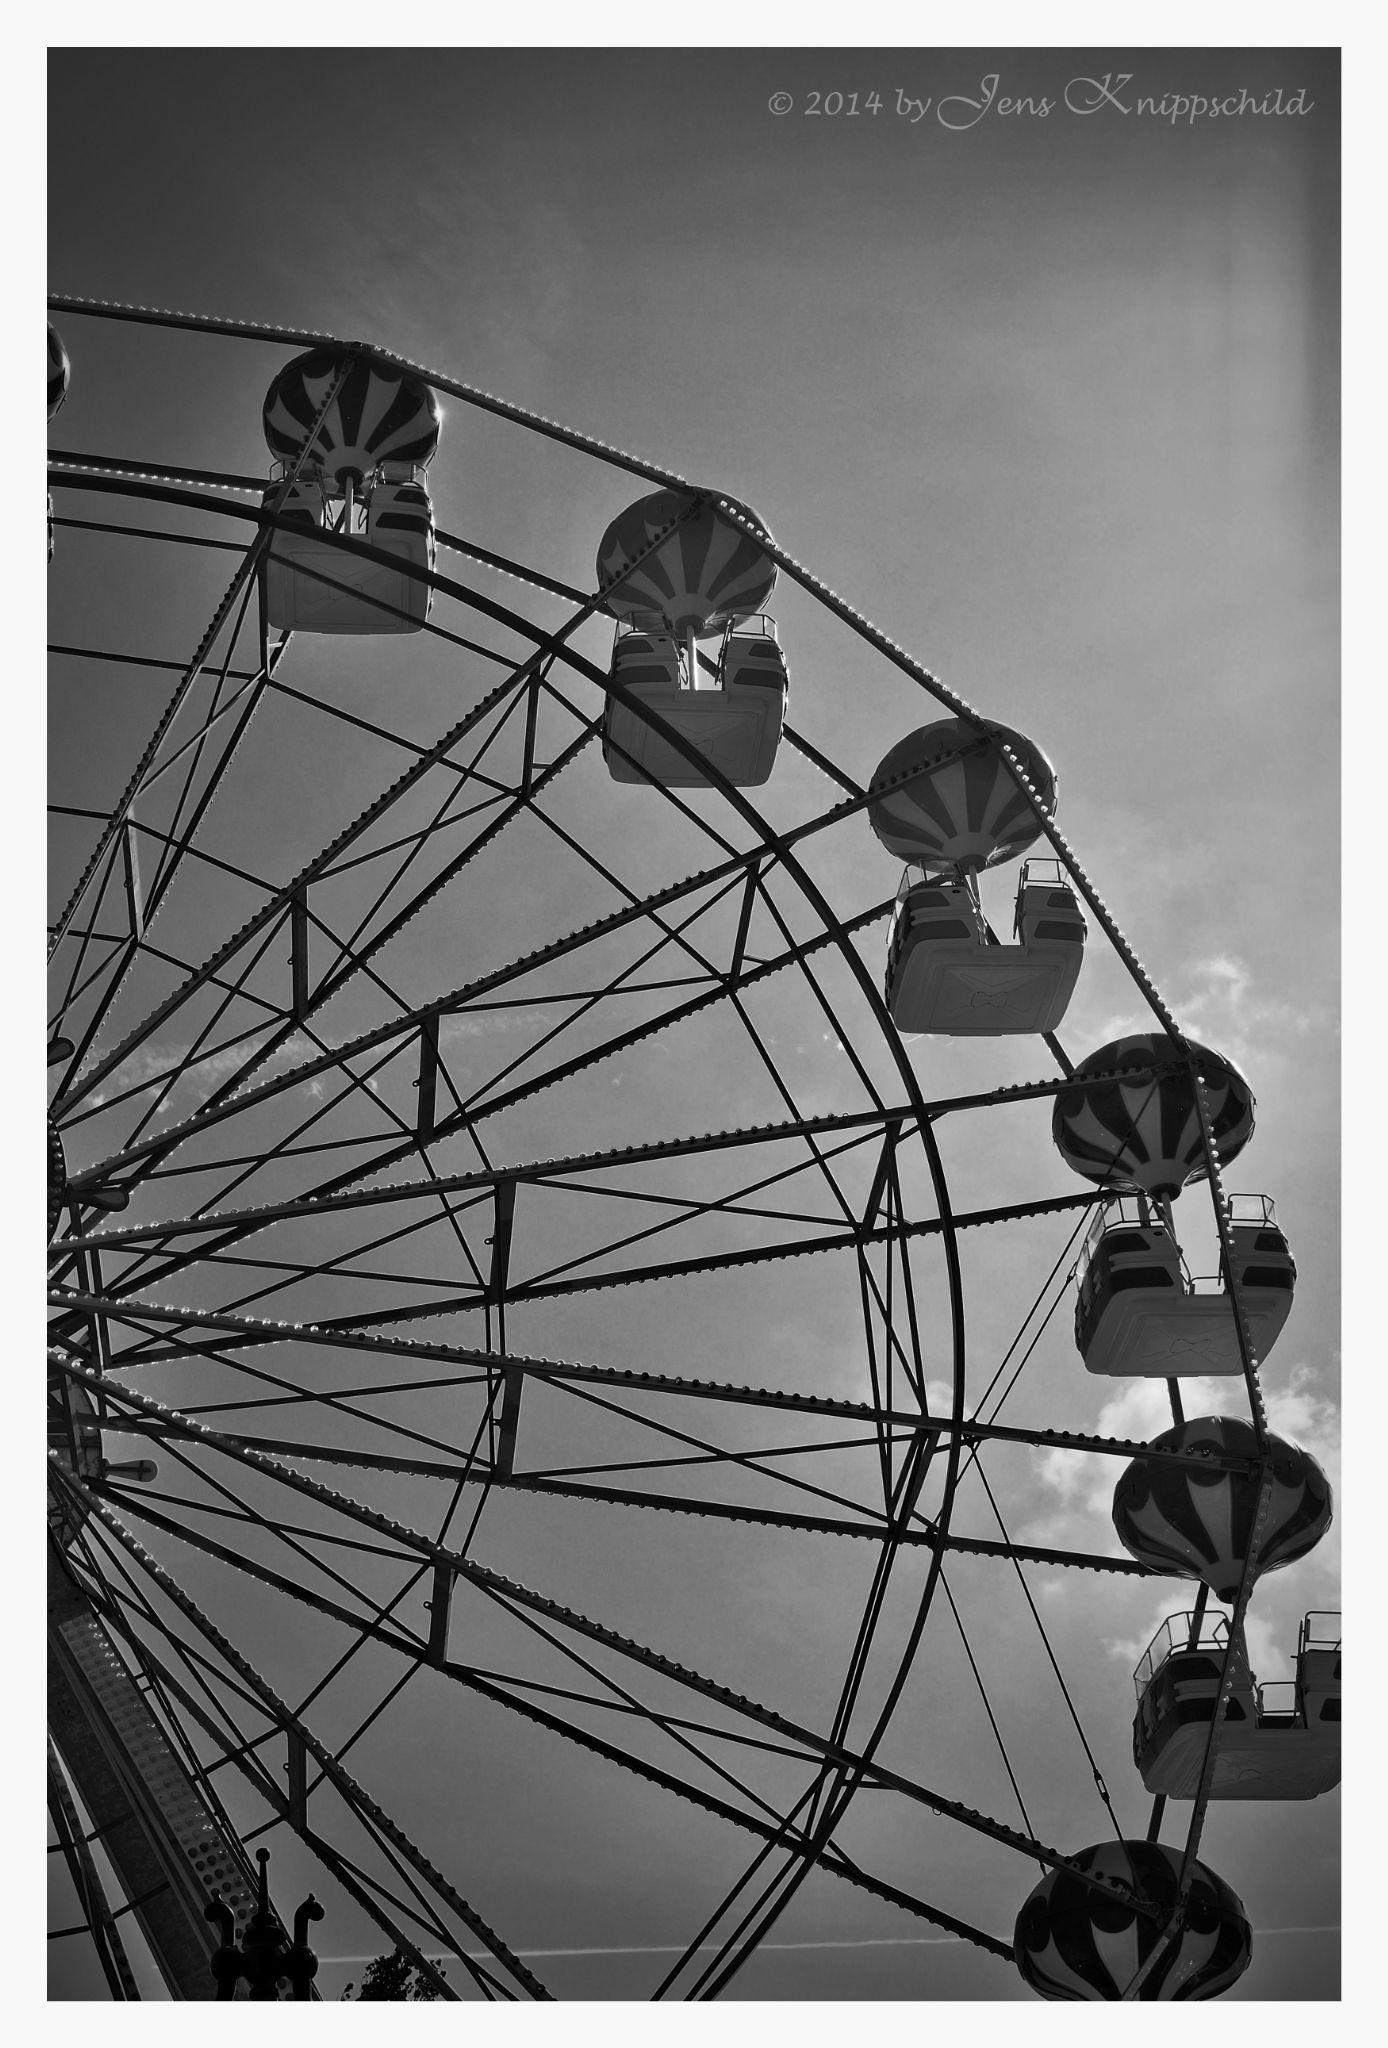 Wheel by Jens Knippschild